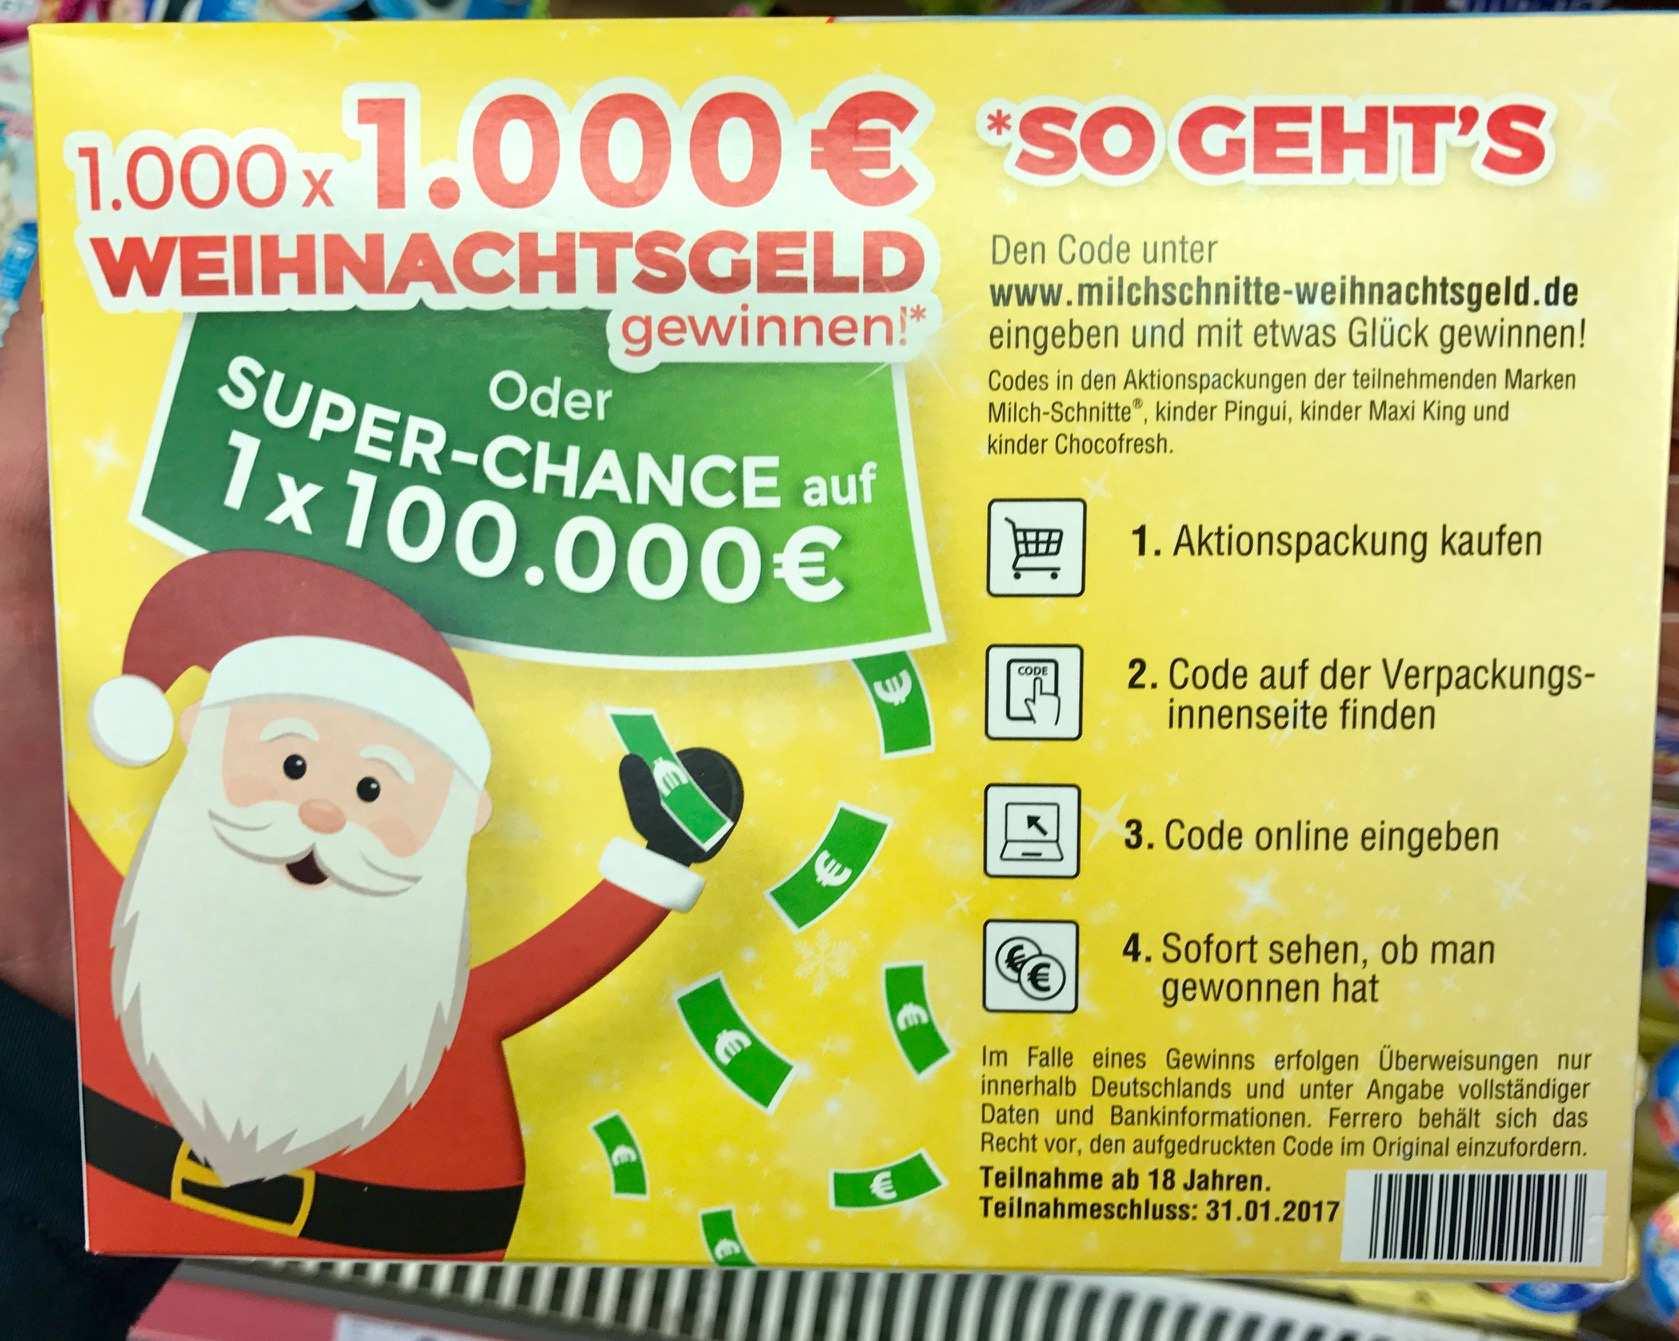 Weihnachtsgeld Gewinnen Mit Milchschnitte Und Co Lohnt Sich Das